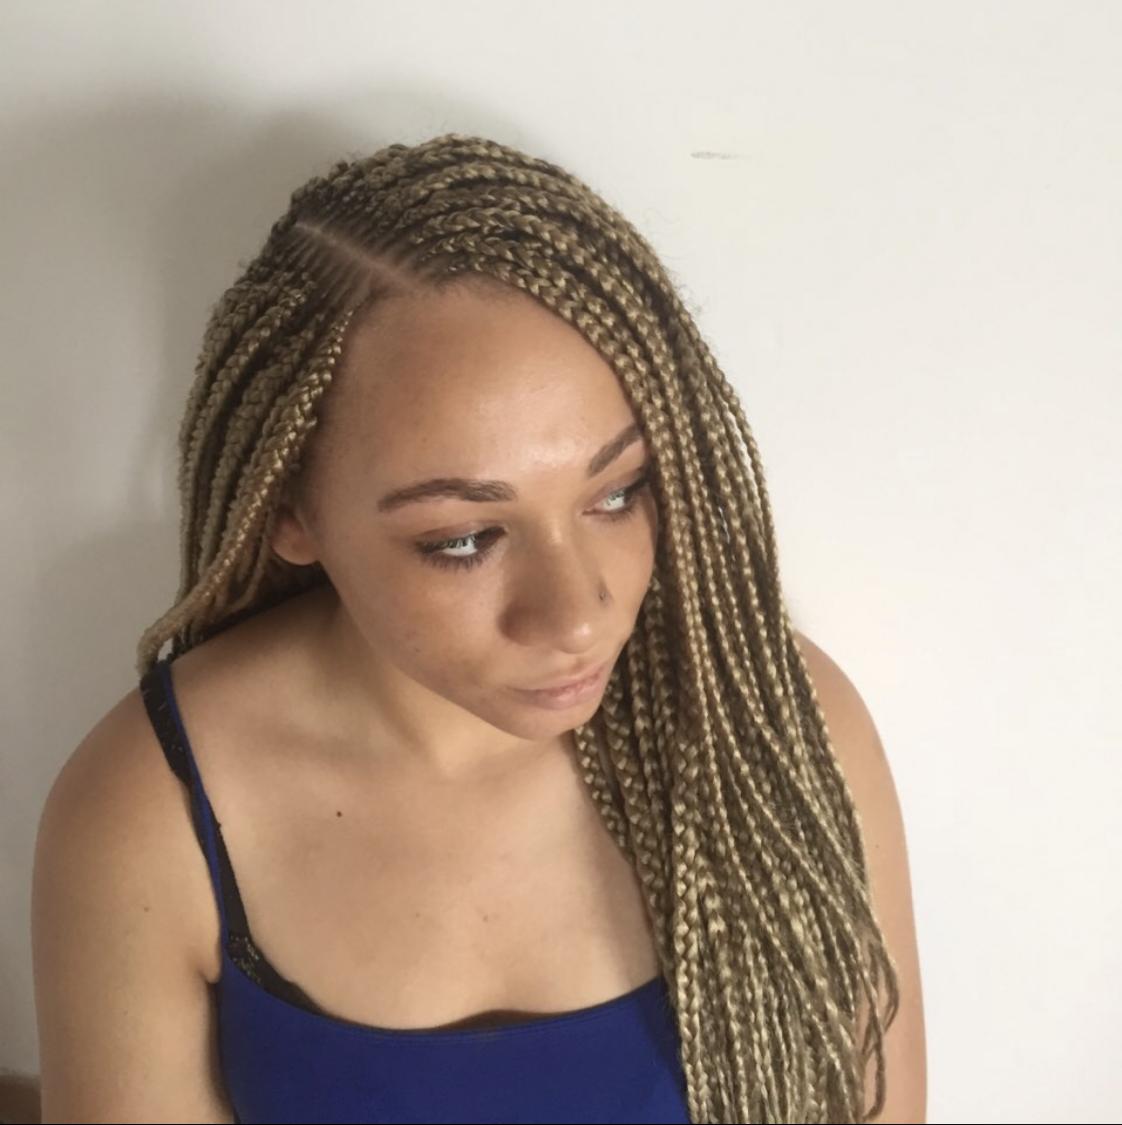 salon de coiffure afro tresse tresses box braids crochet braids vanilles tissages paris 75 77 78 91 92 93 94 95 BVQNTDZF